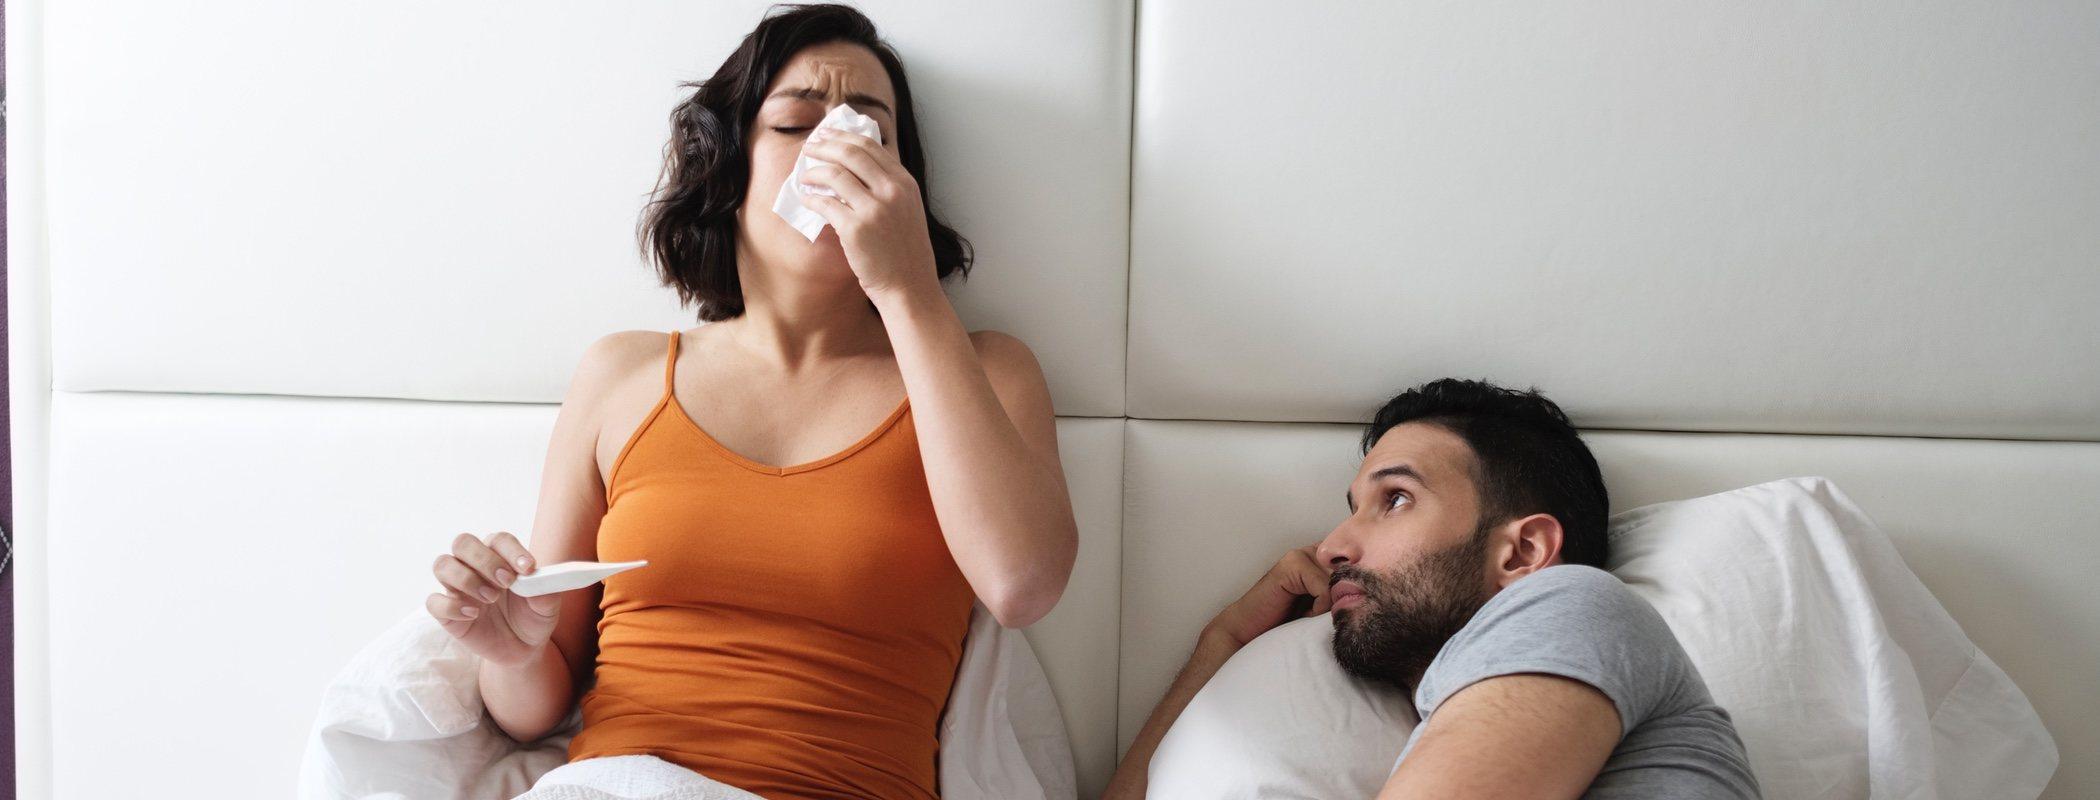 Alergia primaveral y hacer el amor: ¿Cómo afecta a mis relaciones sexuales?